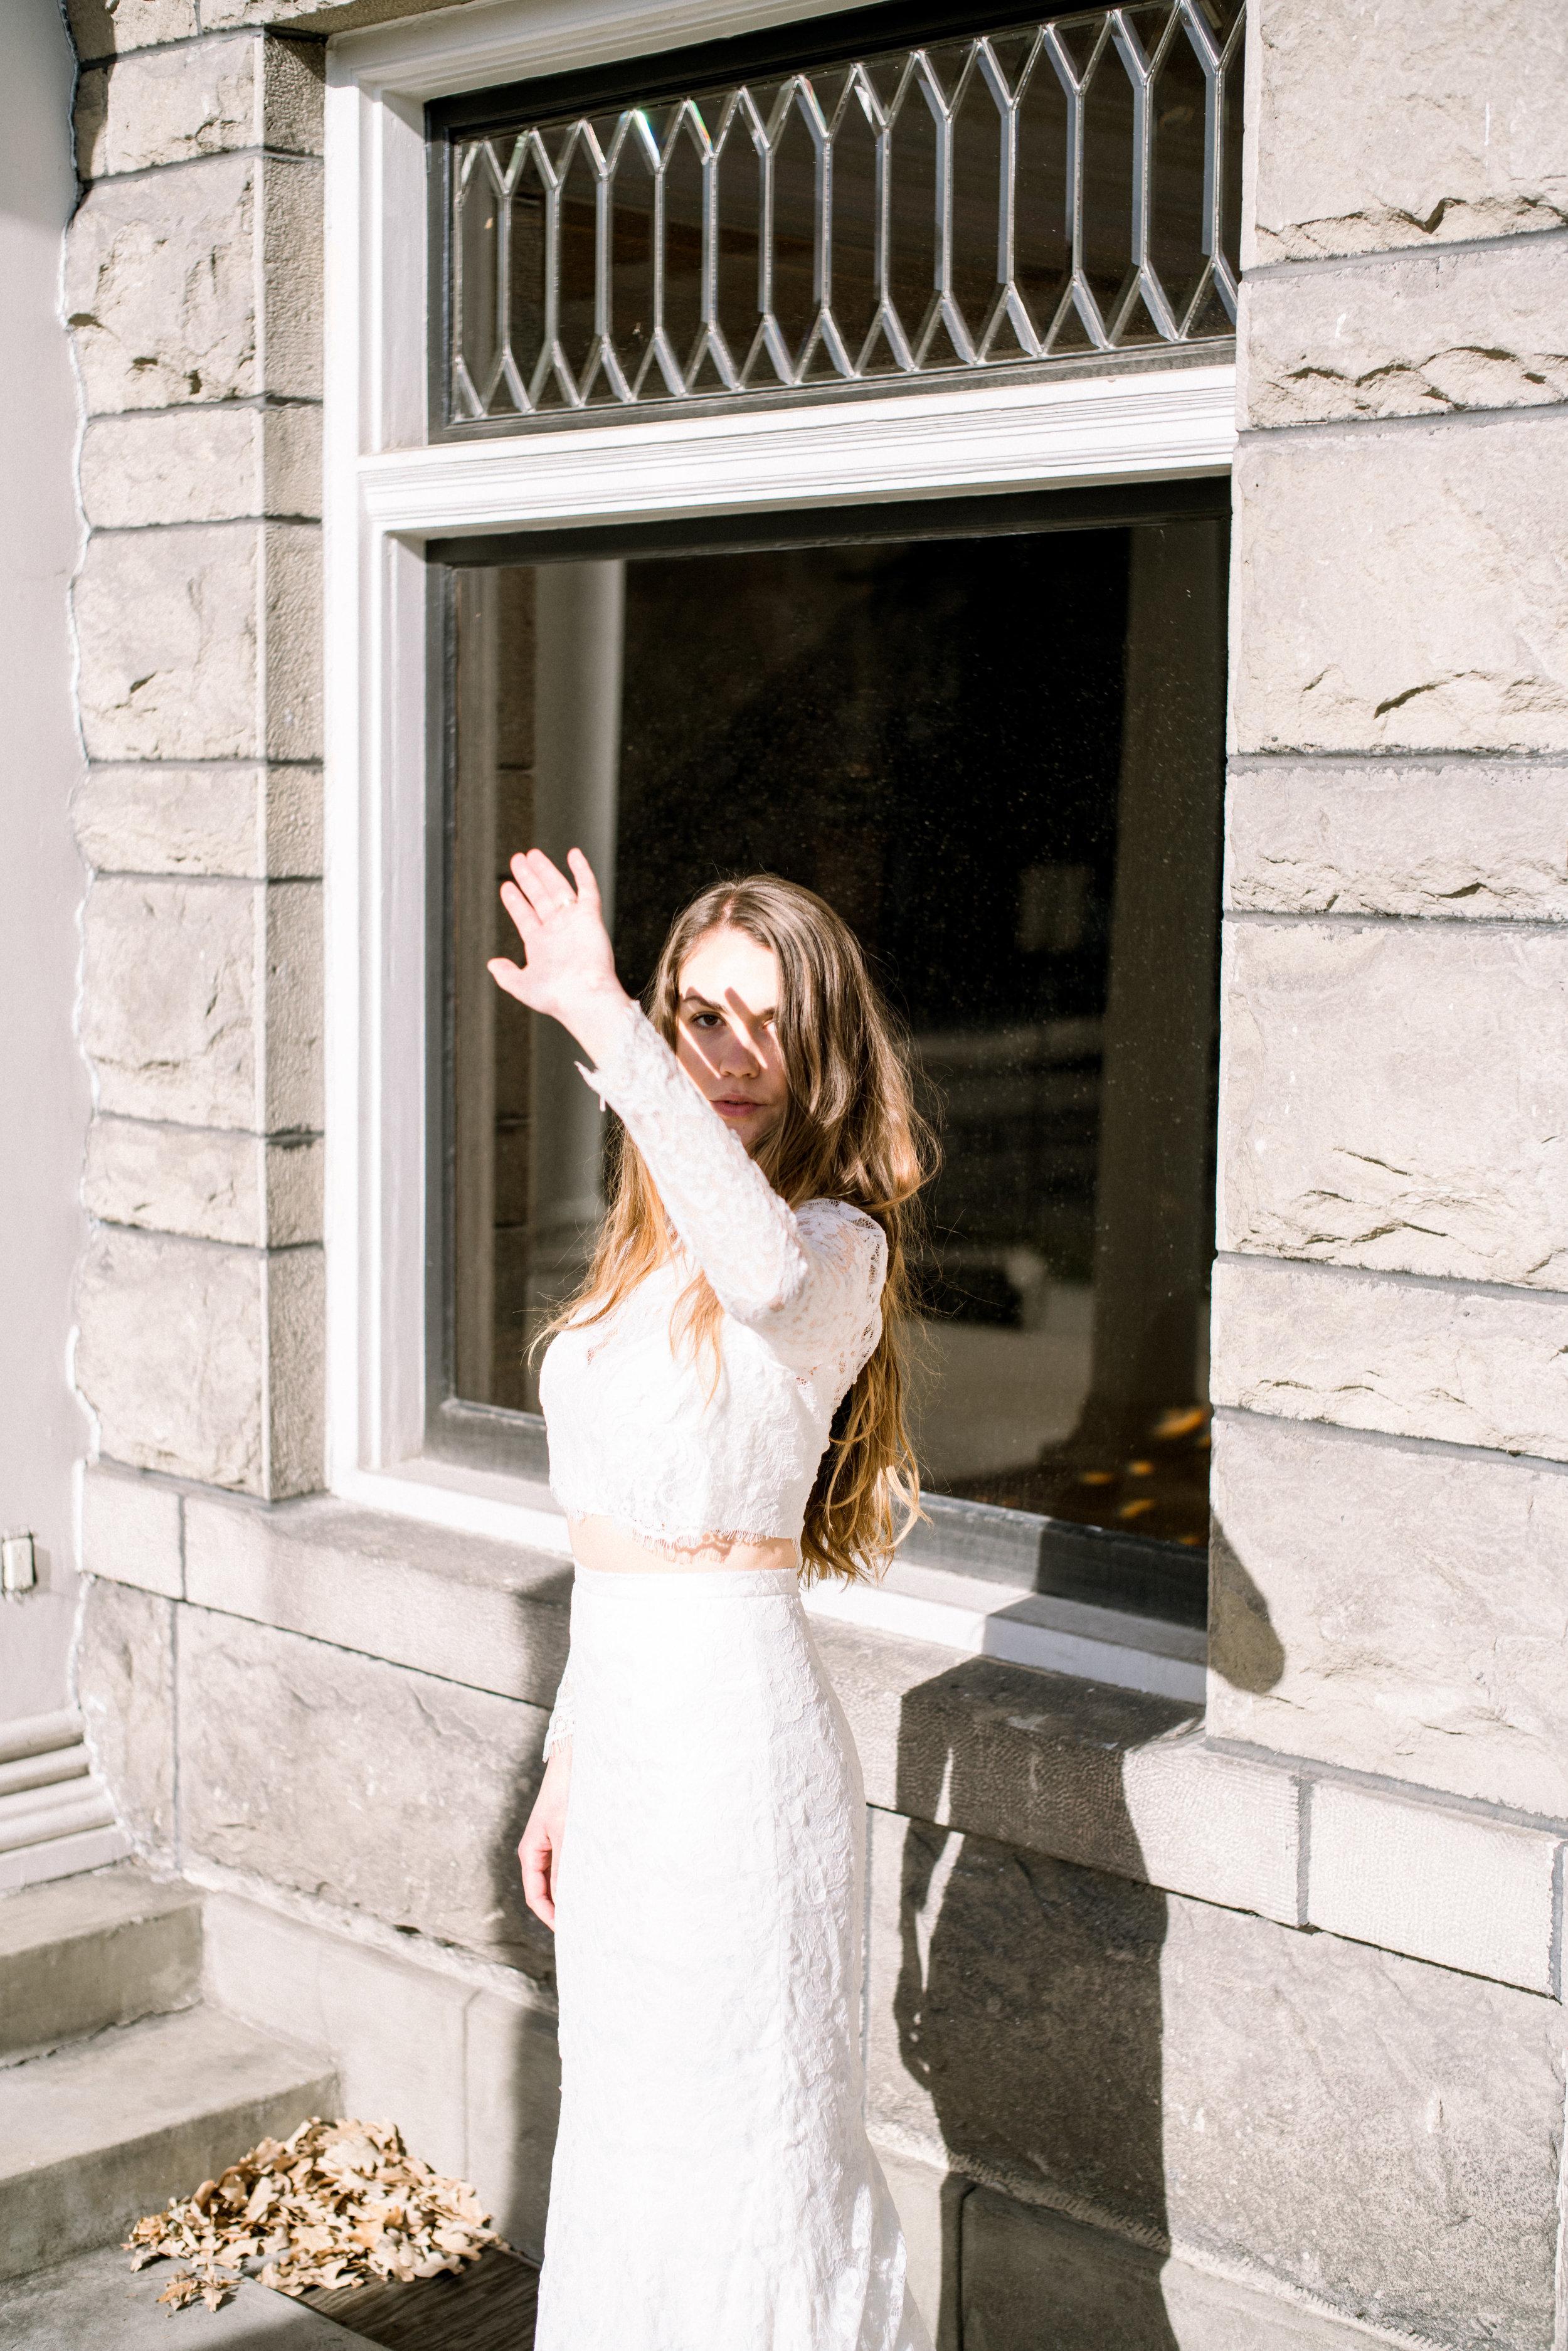 Boise Bridal Shop